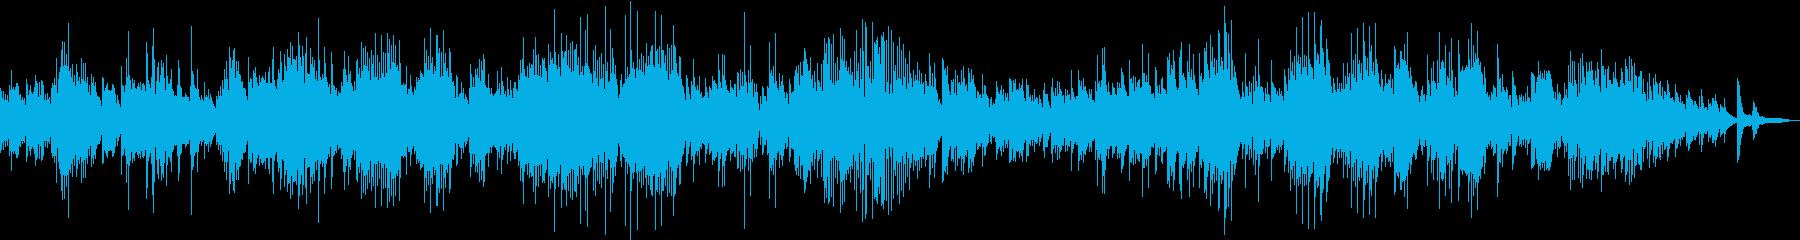 ベートーベンの月光ソナタ第一楽章の再生済みの波形